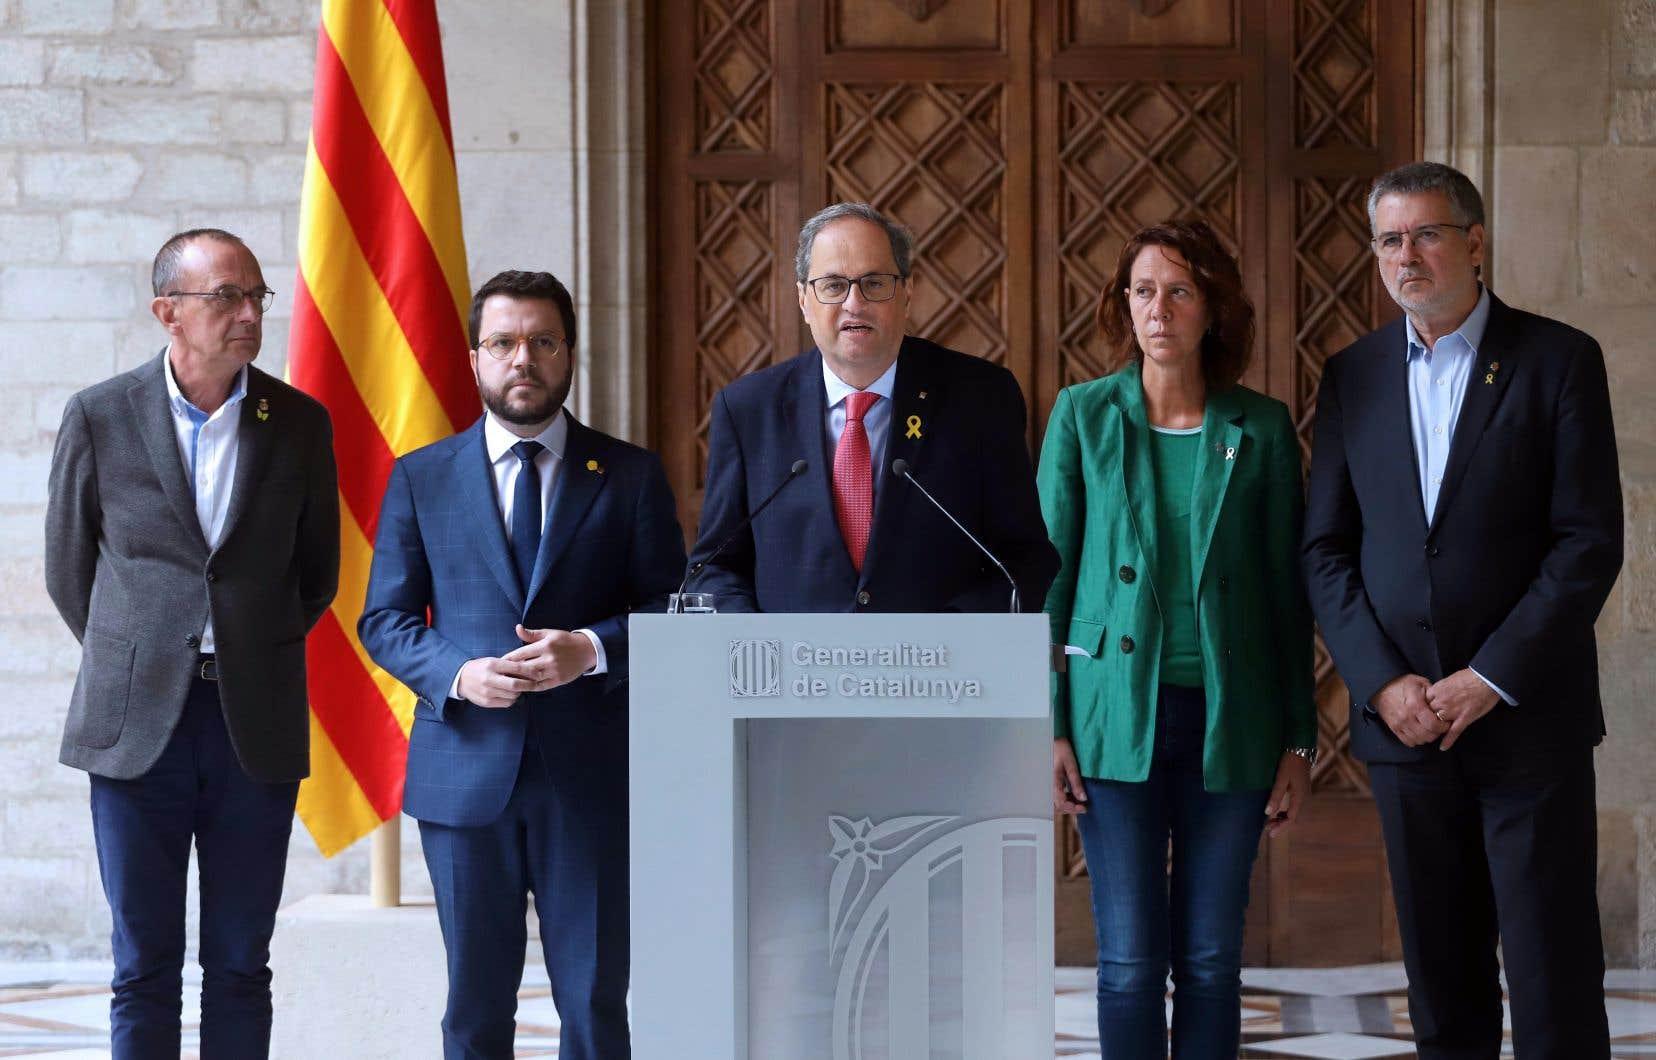 En exigeant des négociations «sans conditions», Quim Torra (au centre) veut que la question d'un référendum d'autodétermination, dont Madrid ne veut pas entendre parler, puisse être abordée.